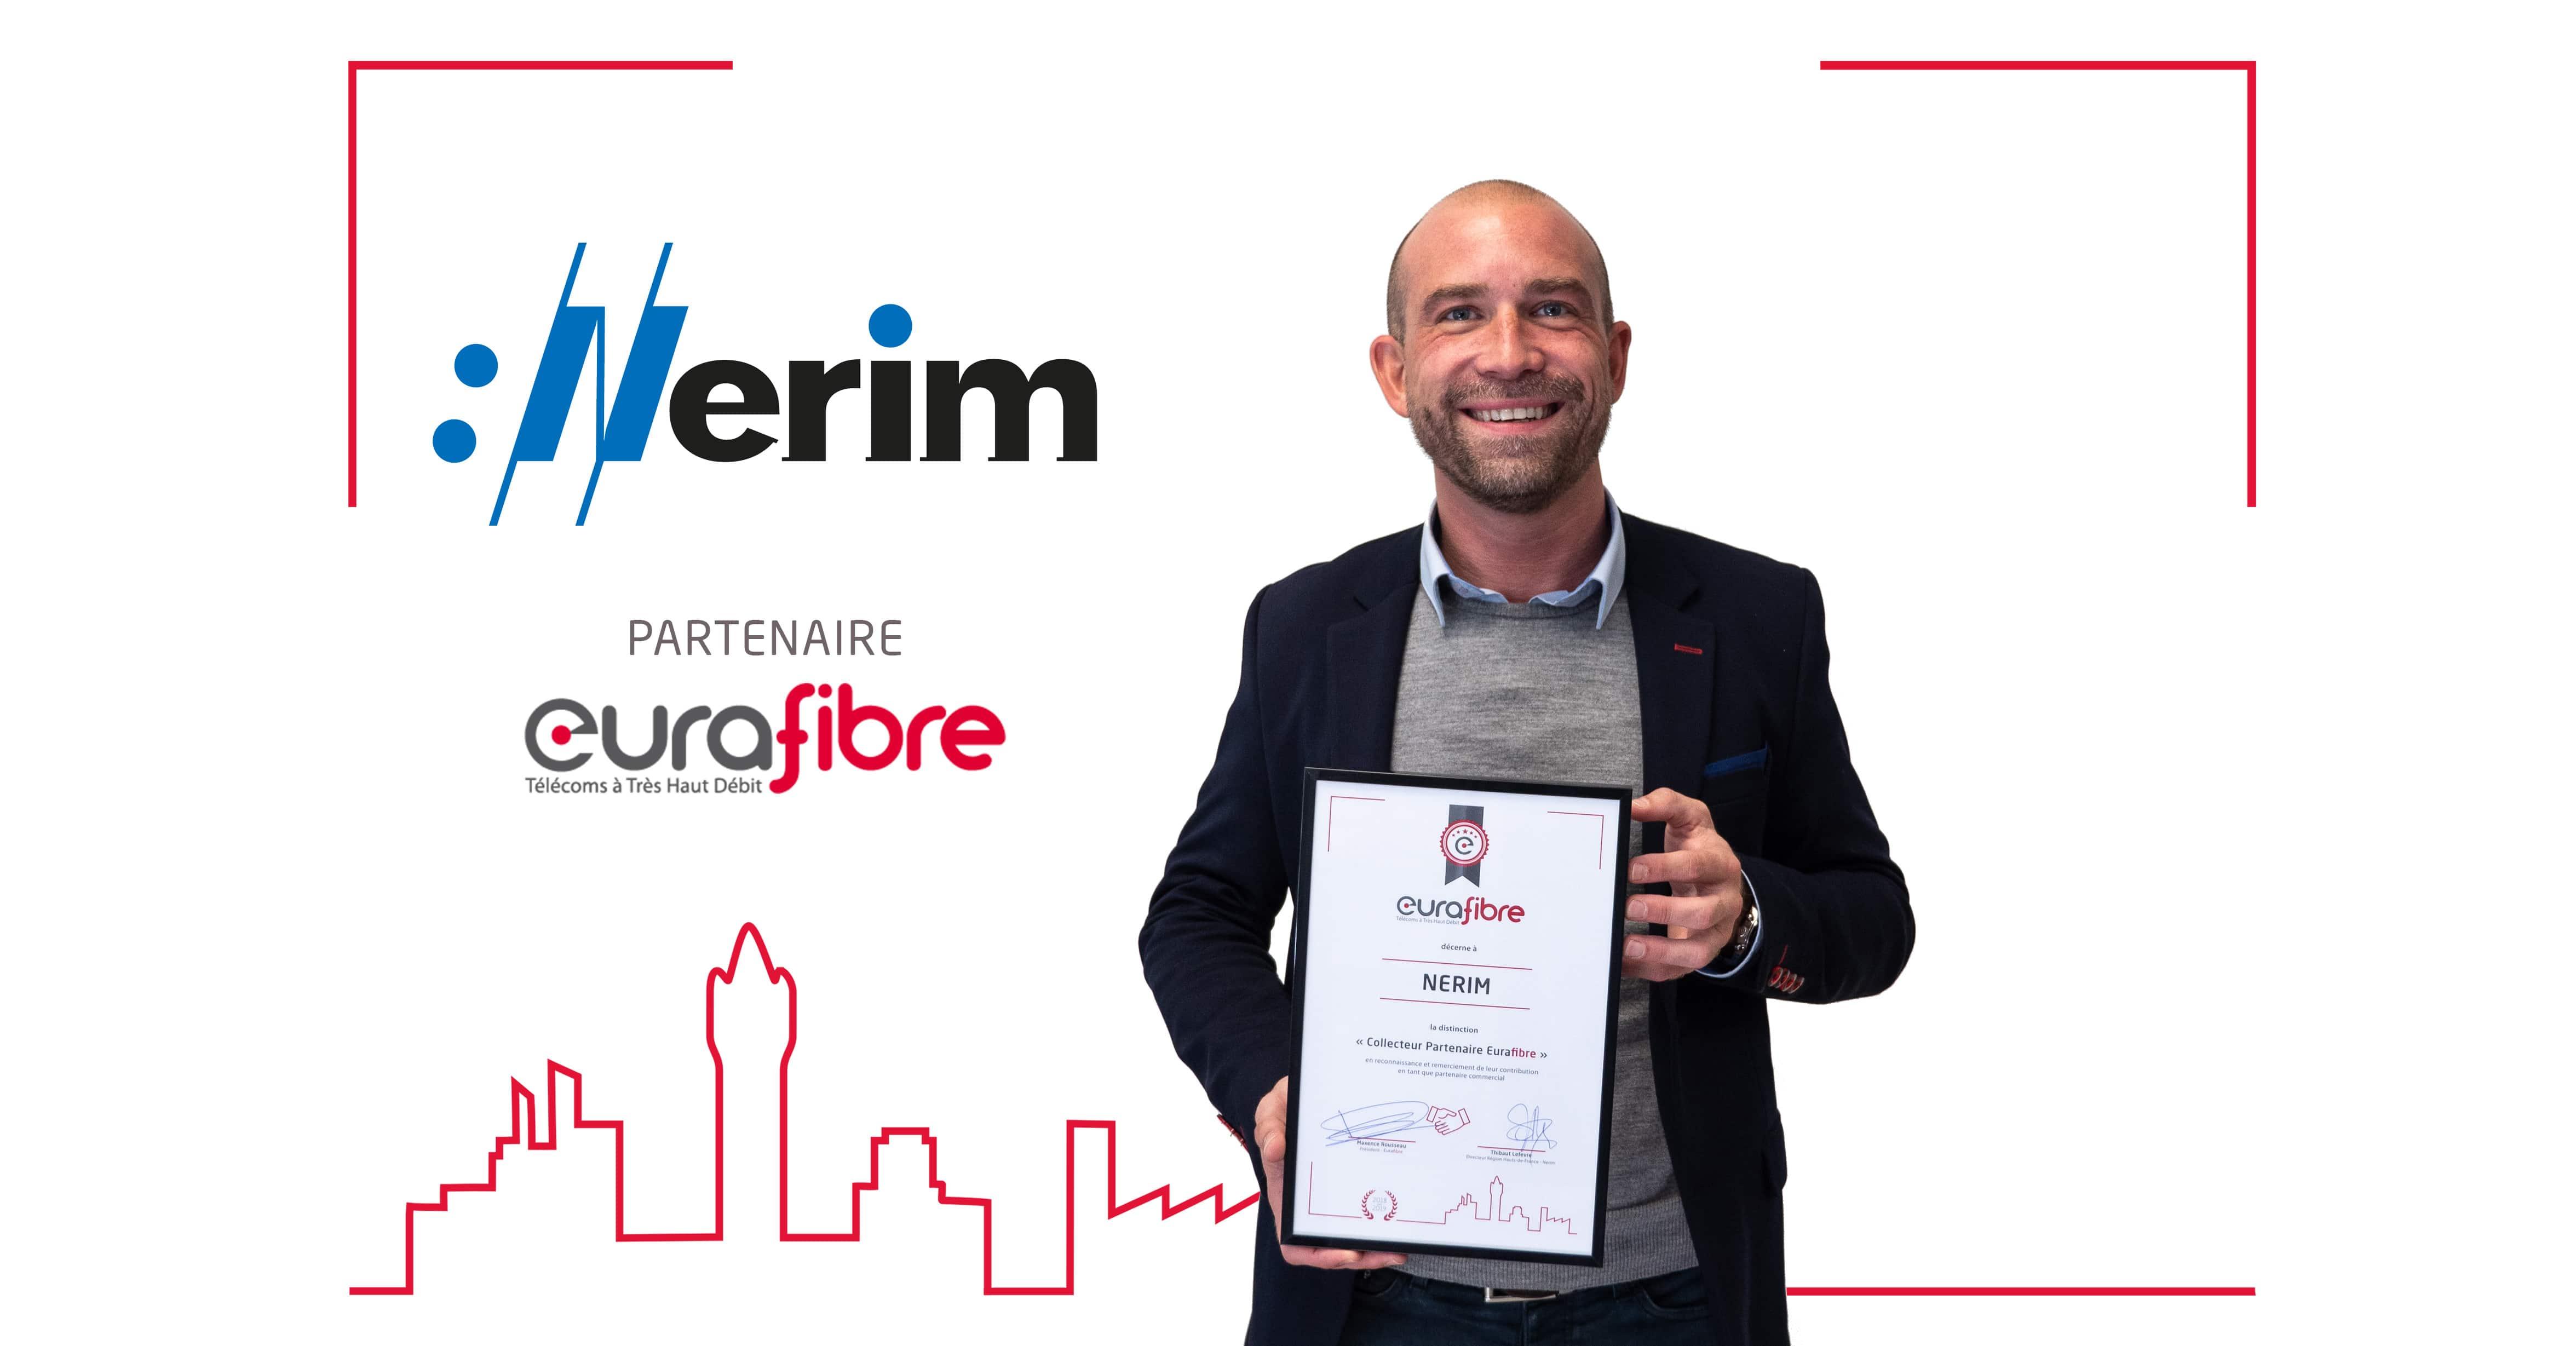 Thibaut Lefevre Nerim partenaire Eurafibre